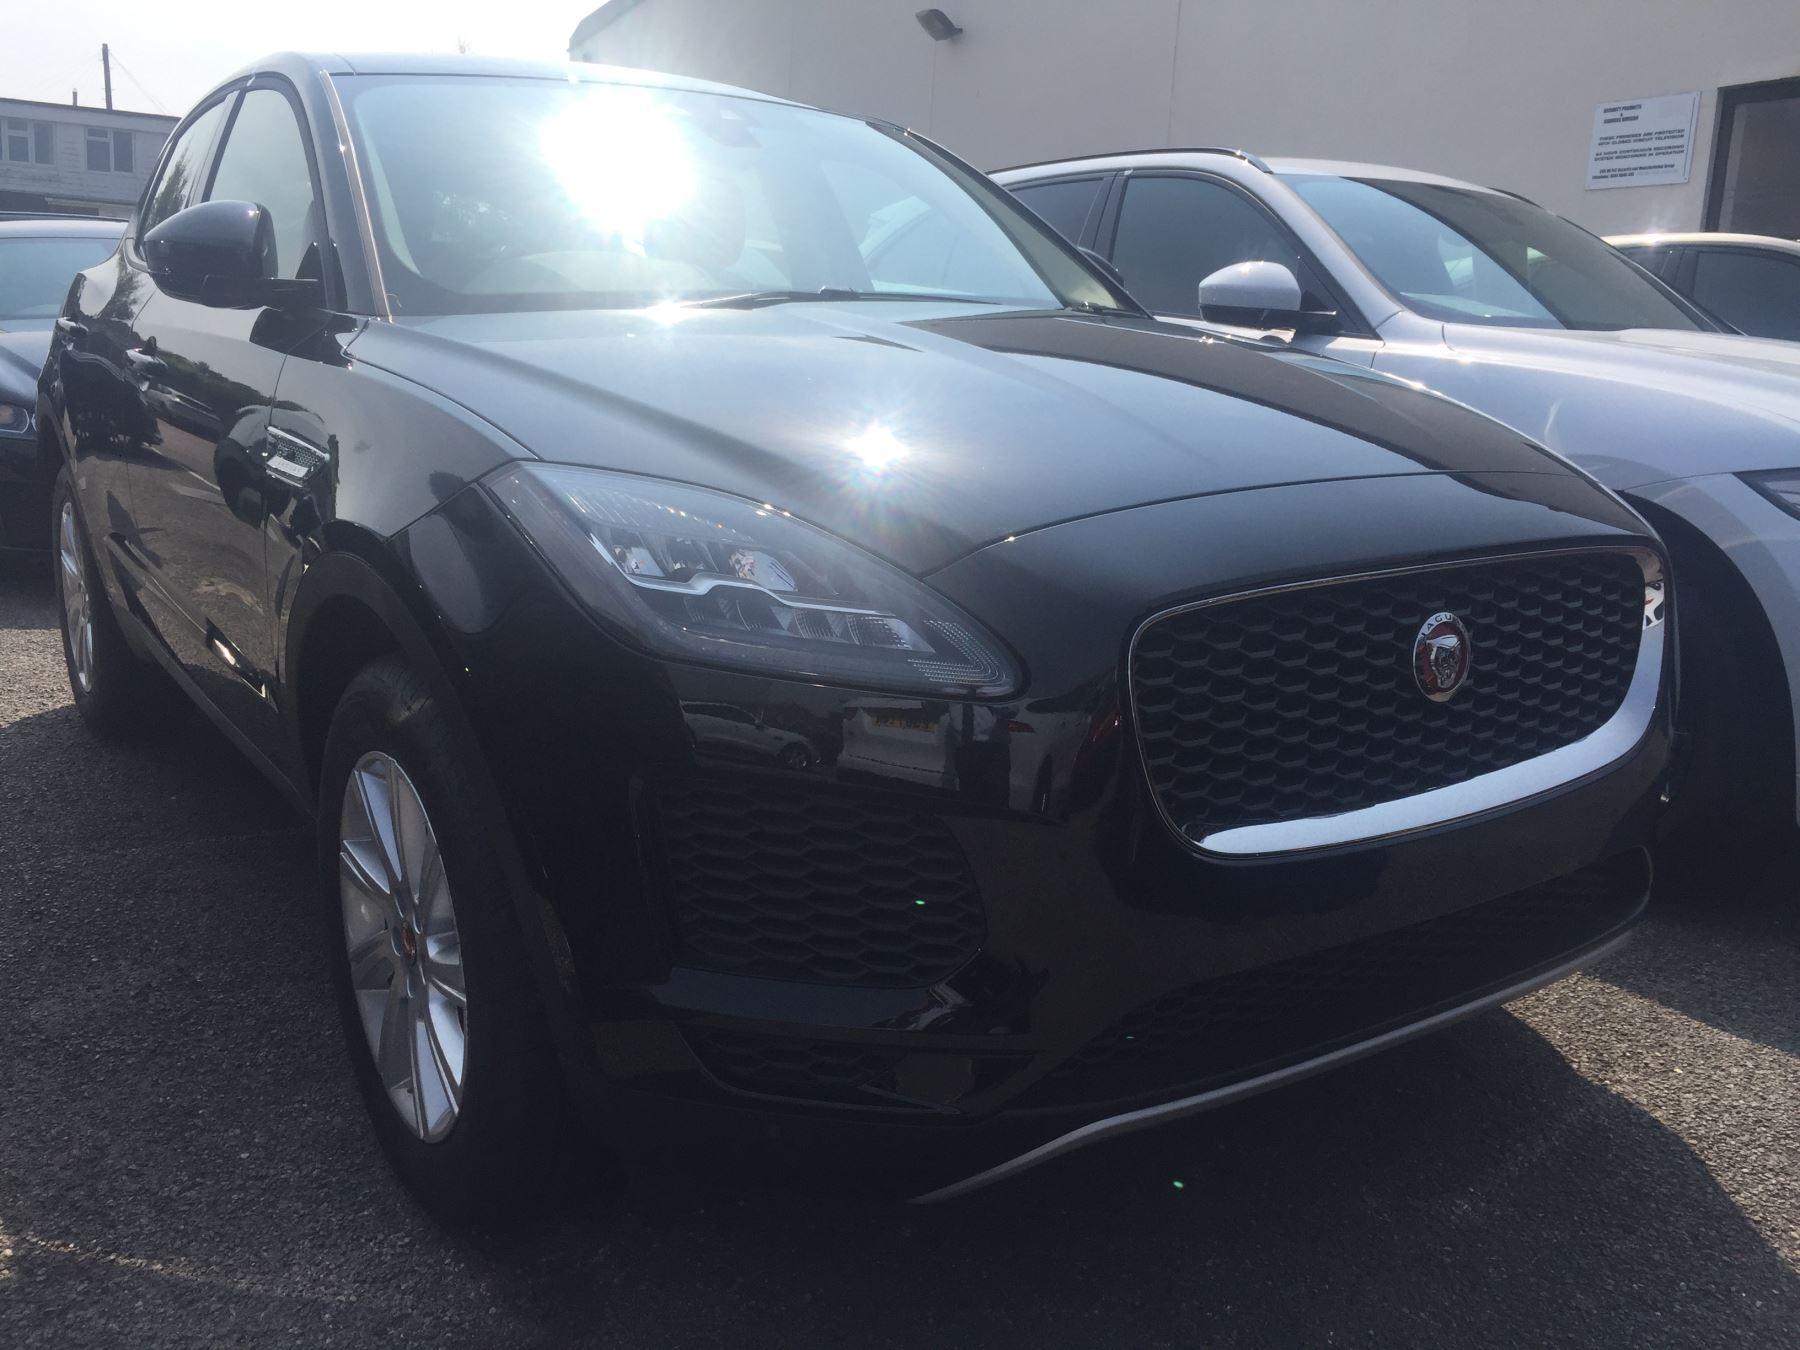 Jaguar E-PACE 2.0d S Diesel Automatic 5 door Estate (2020)